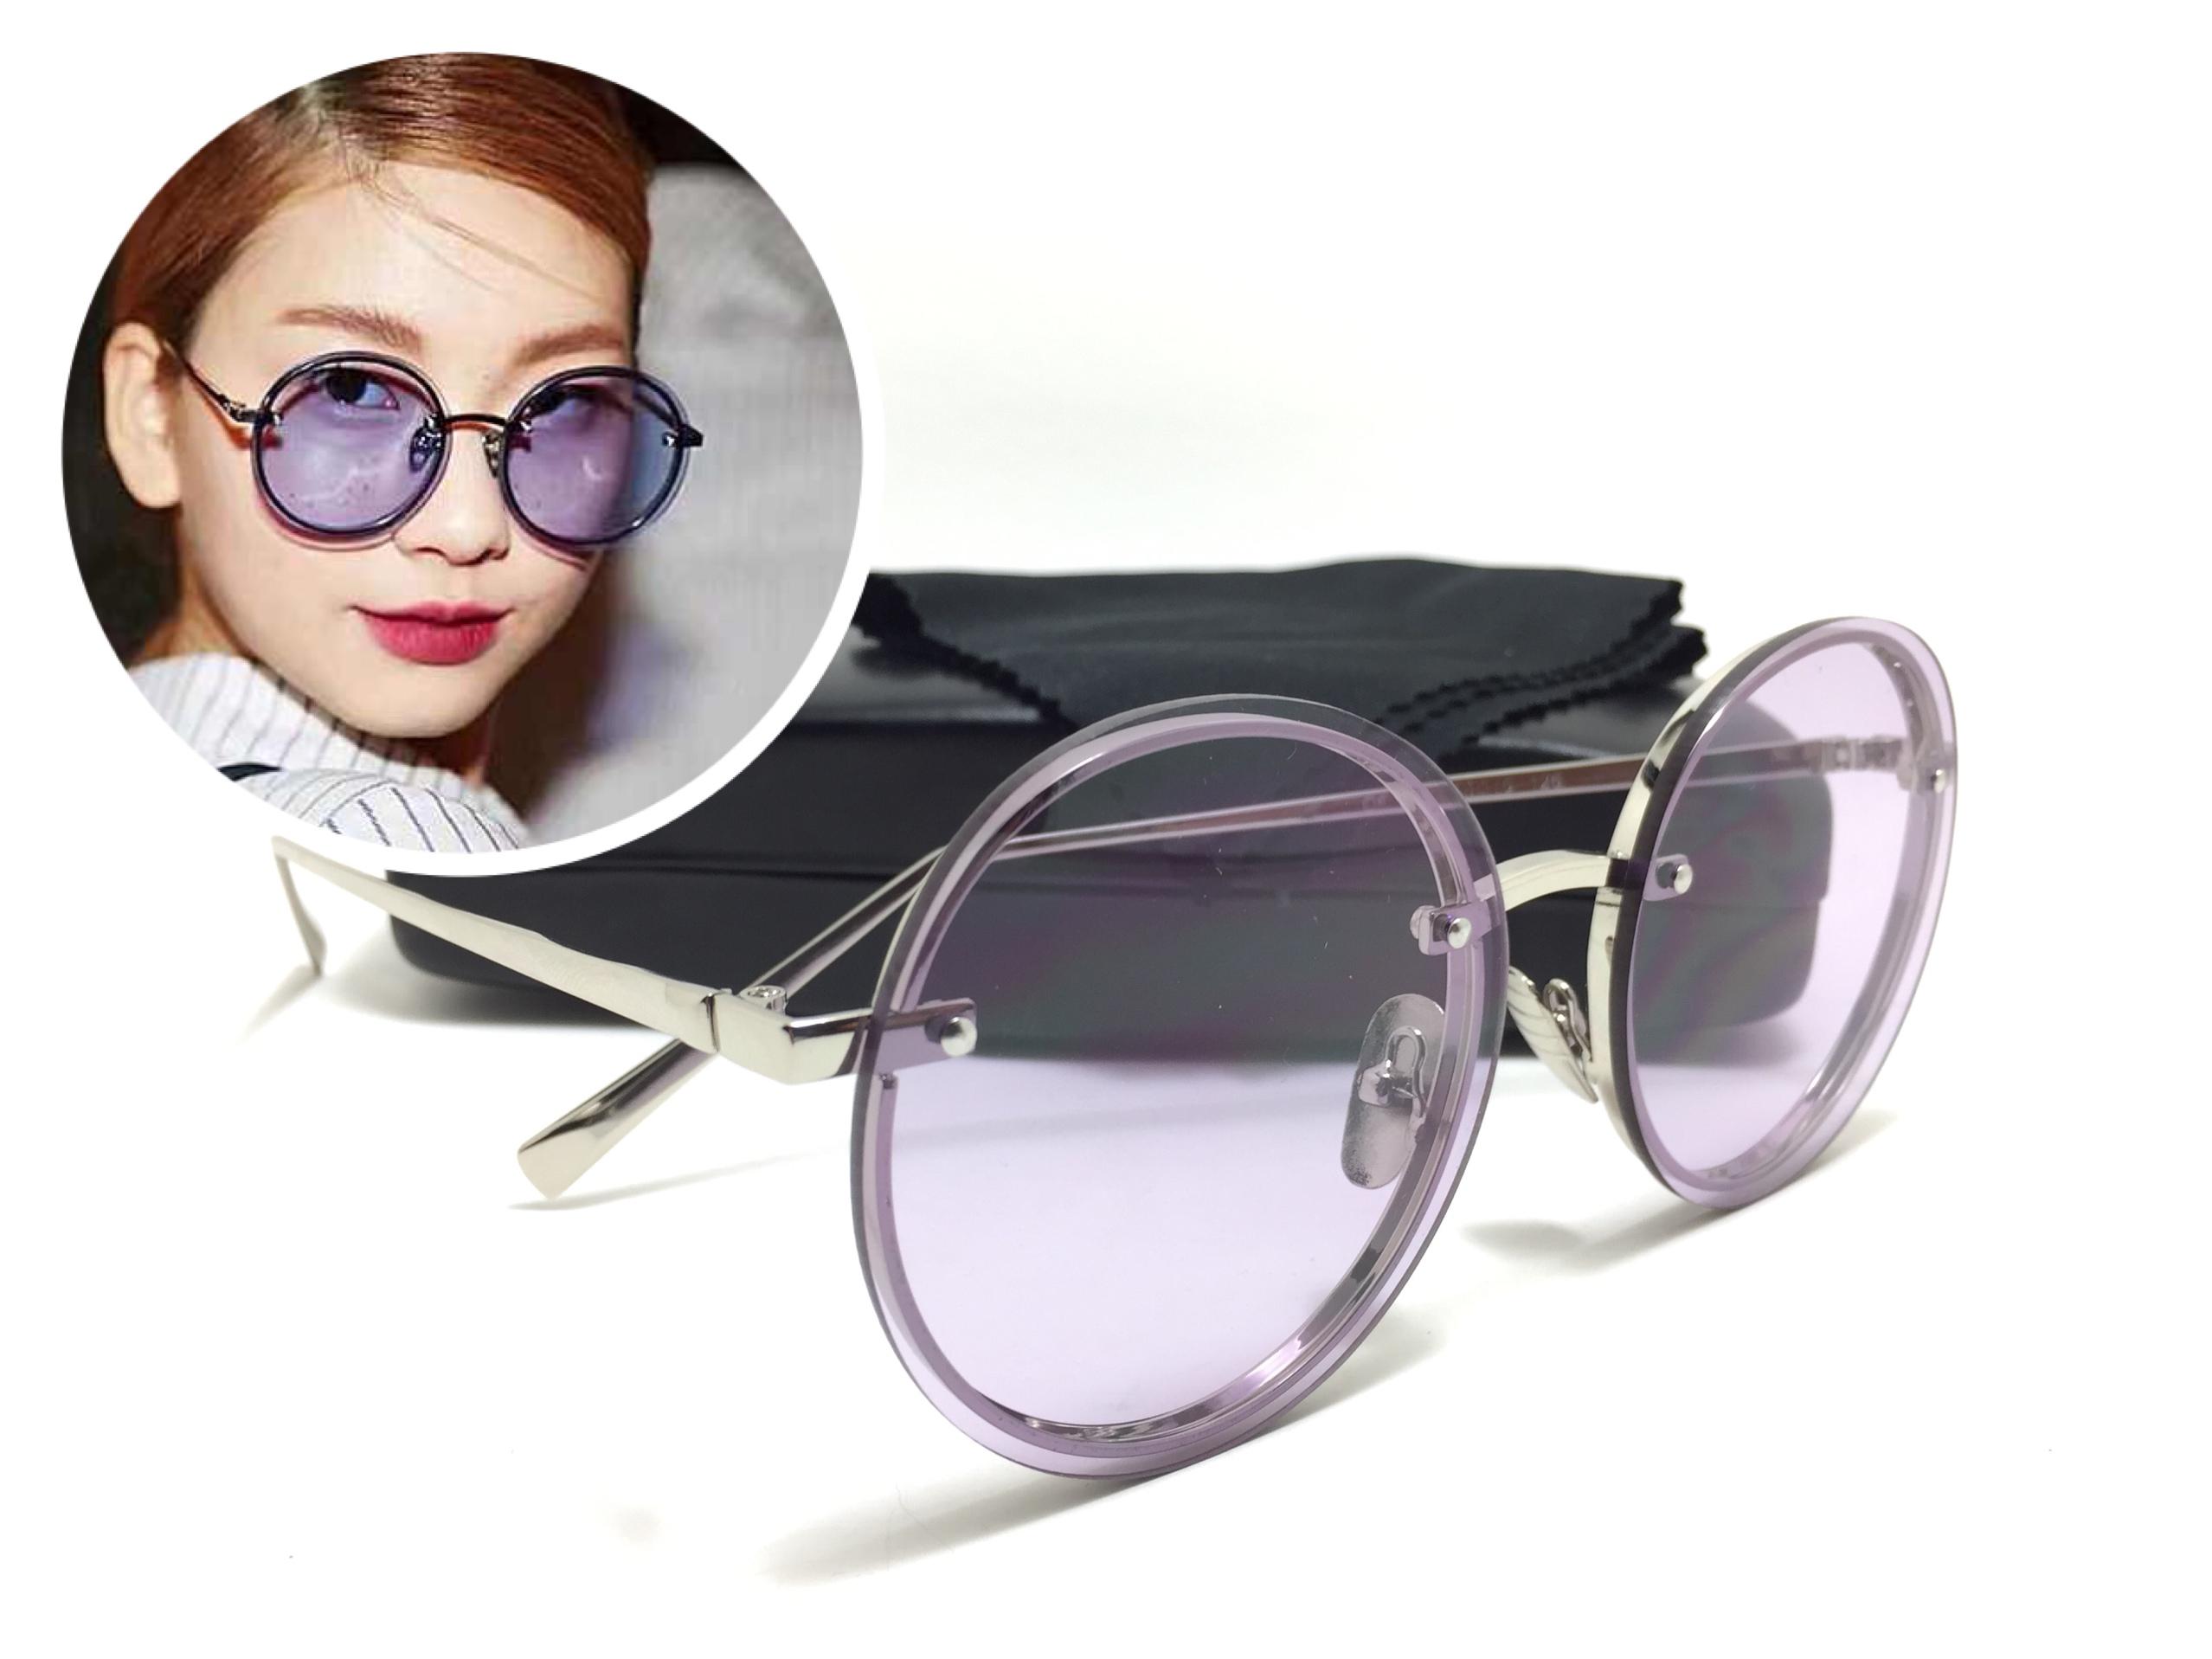 แว่นกันแดดแฟชั่น Silver Frame Purple Sheet OF 8292 66-15 126 <ม่วง>